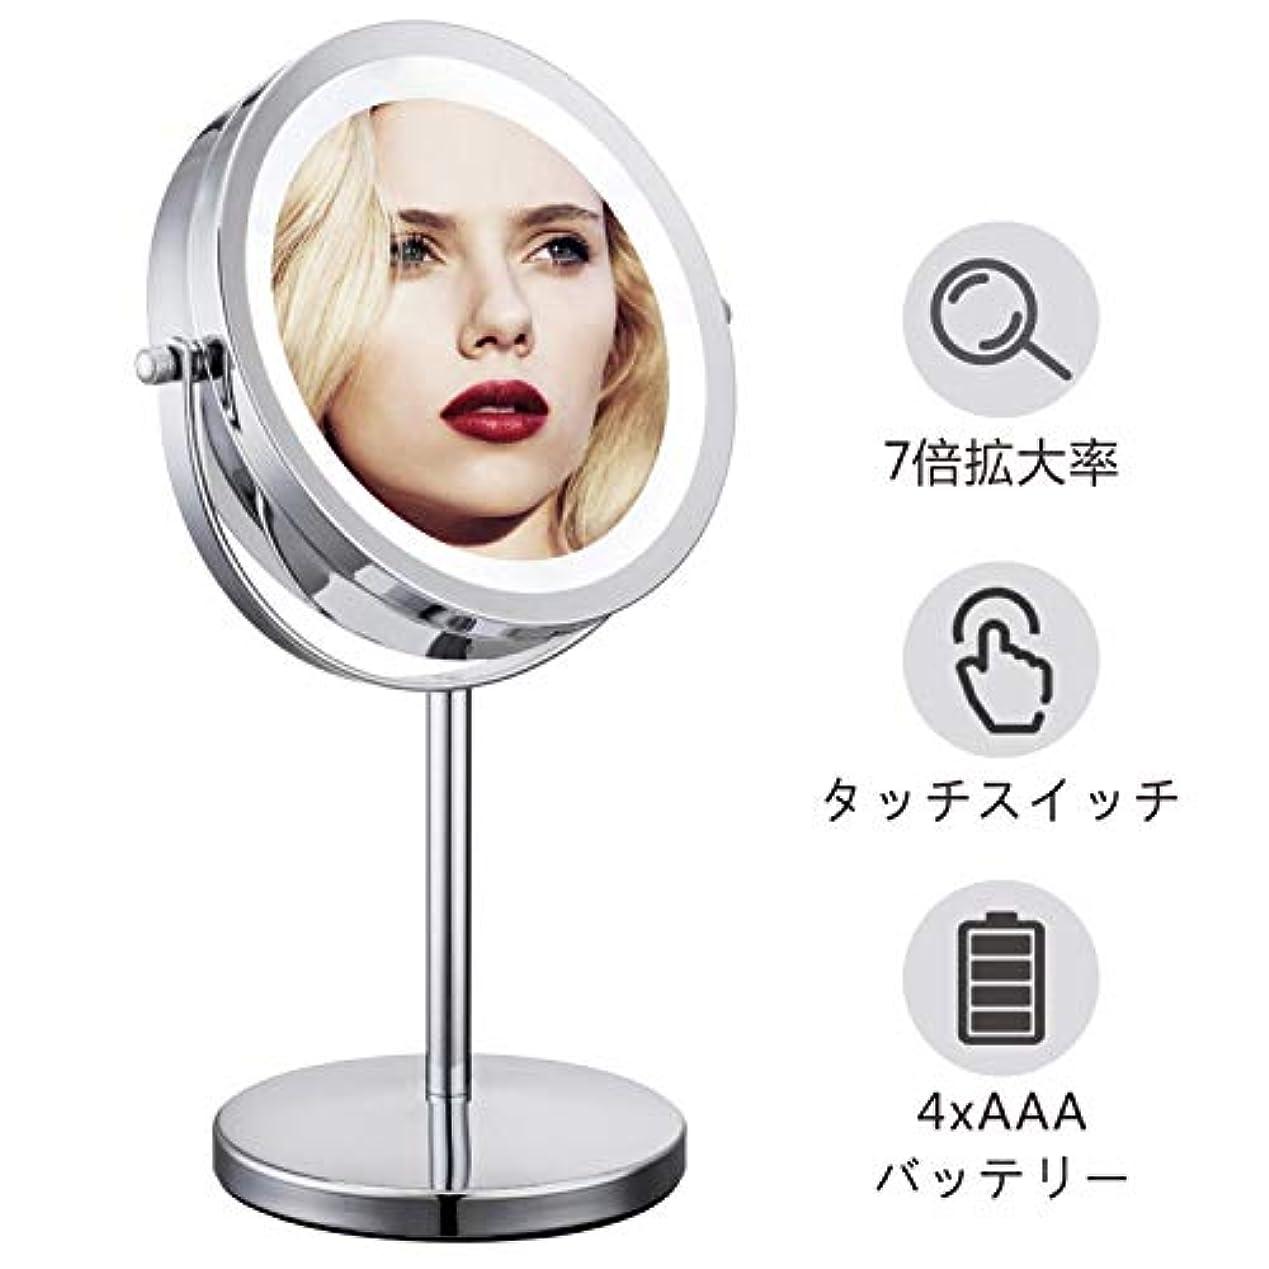 揺れるレクリエーション花Minracler 化粧鏡 7倍拡大 卓上 化粧ミラー led両面鏡 明るさ調節可能 360度回転 (鏡面155mmΦ) 電池給電